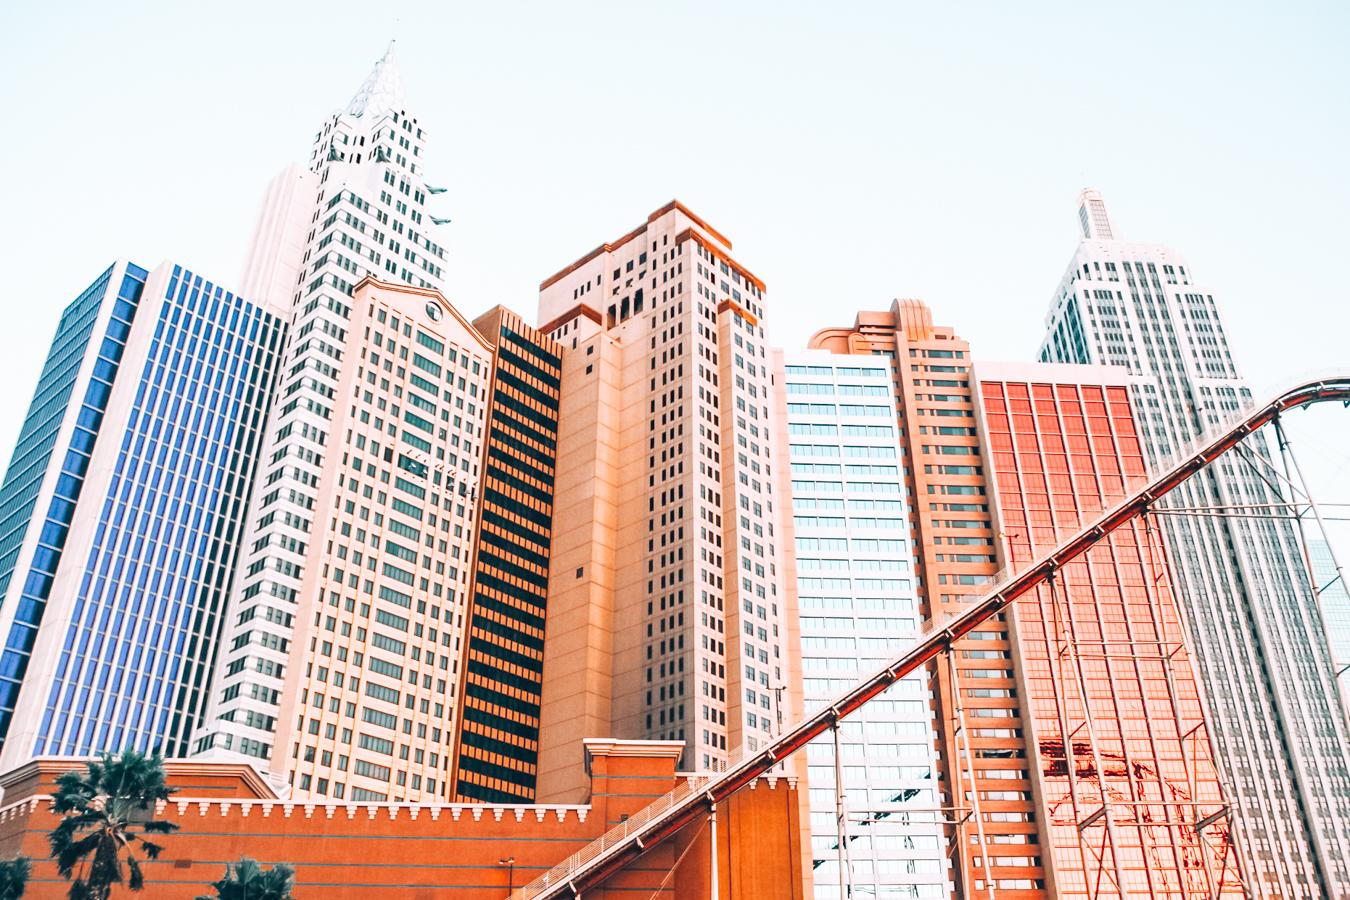 Buildings in Las Vegas